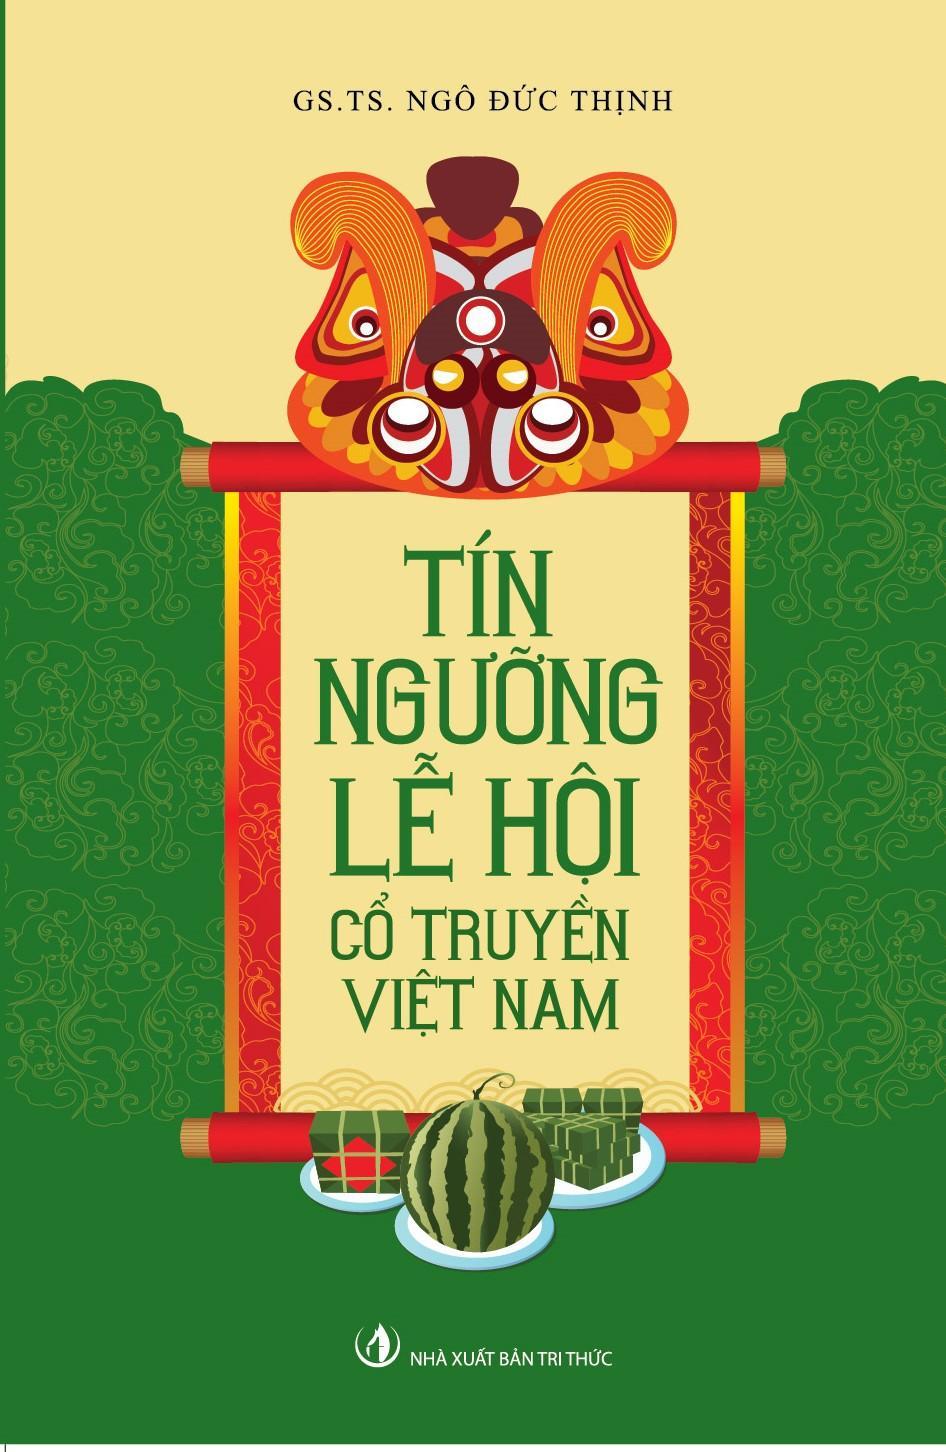 Mua Tín Ngưỡng, Lễ Hội Cổ Truyền Việt Nam